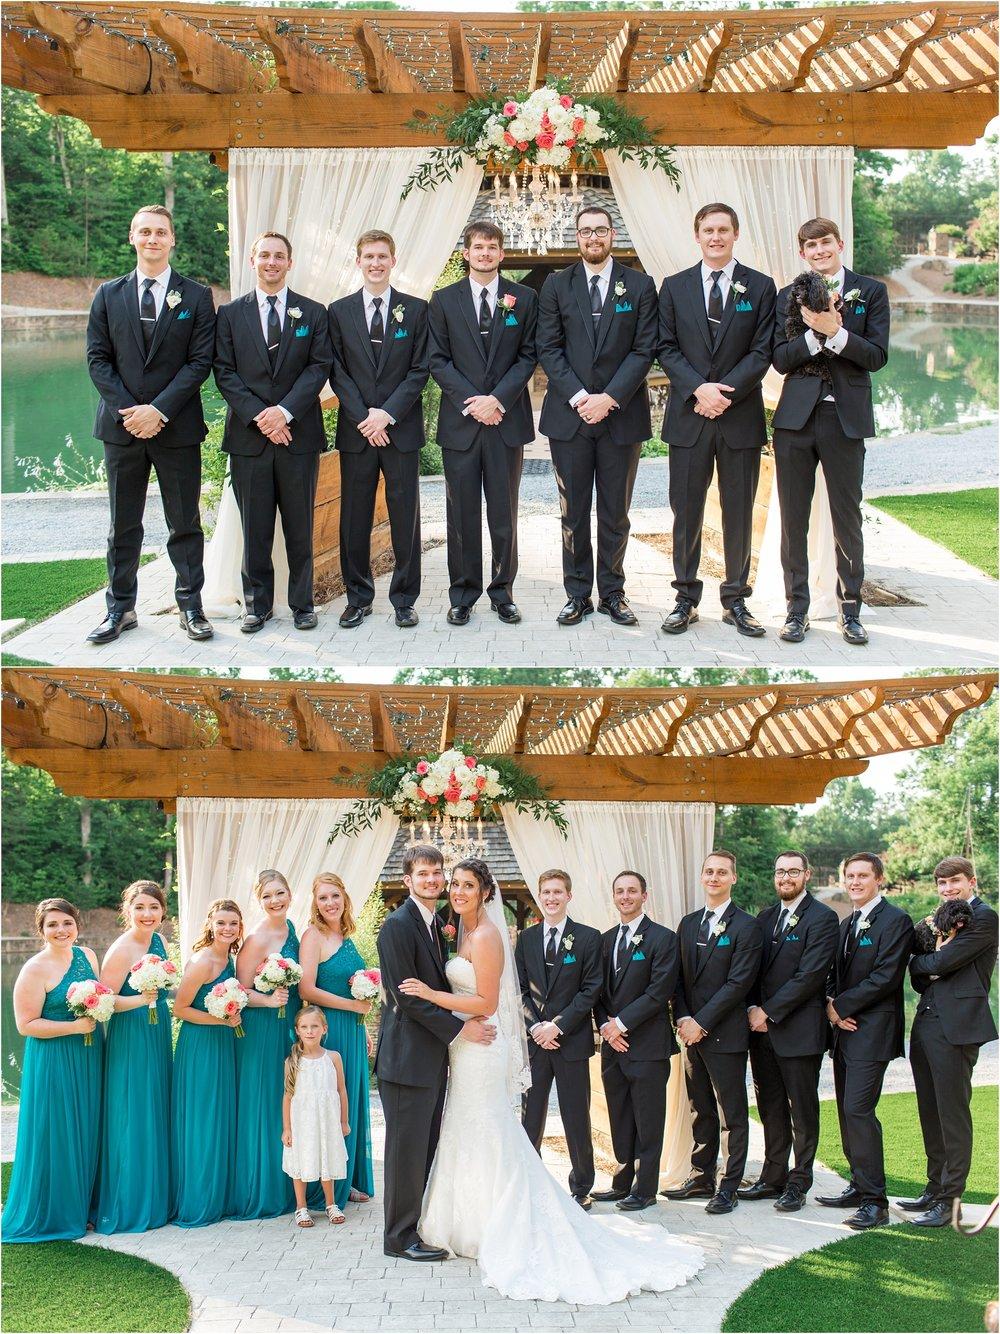 Savannah Eve Photography- Roberts-Brown Wedding- Sneak Peek-64.jpg